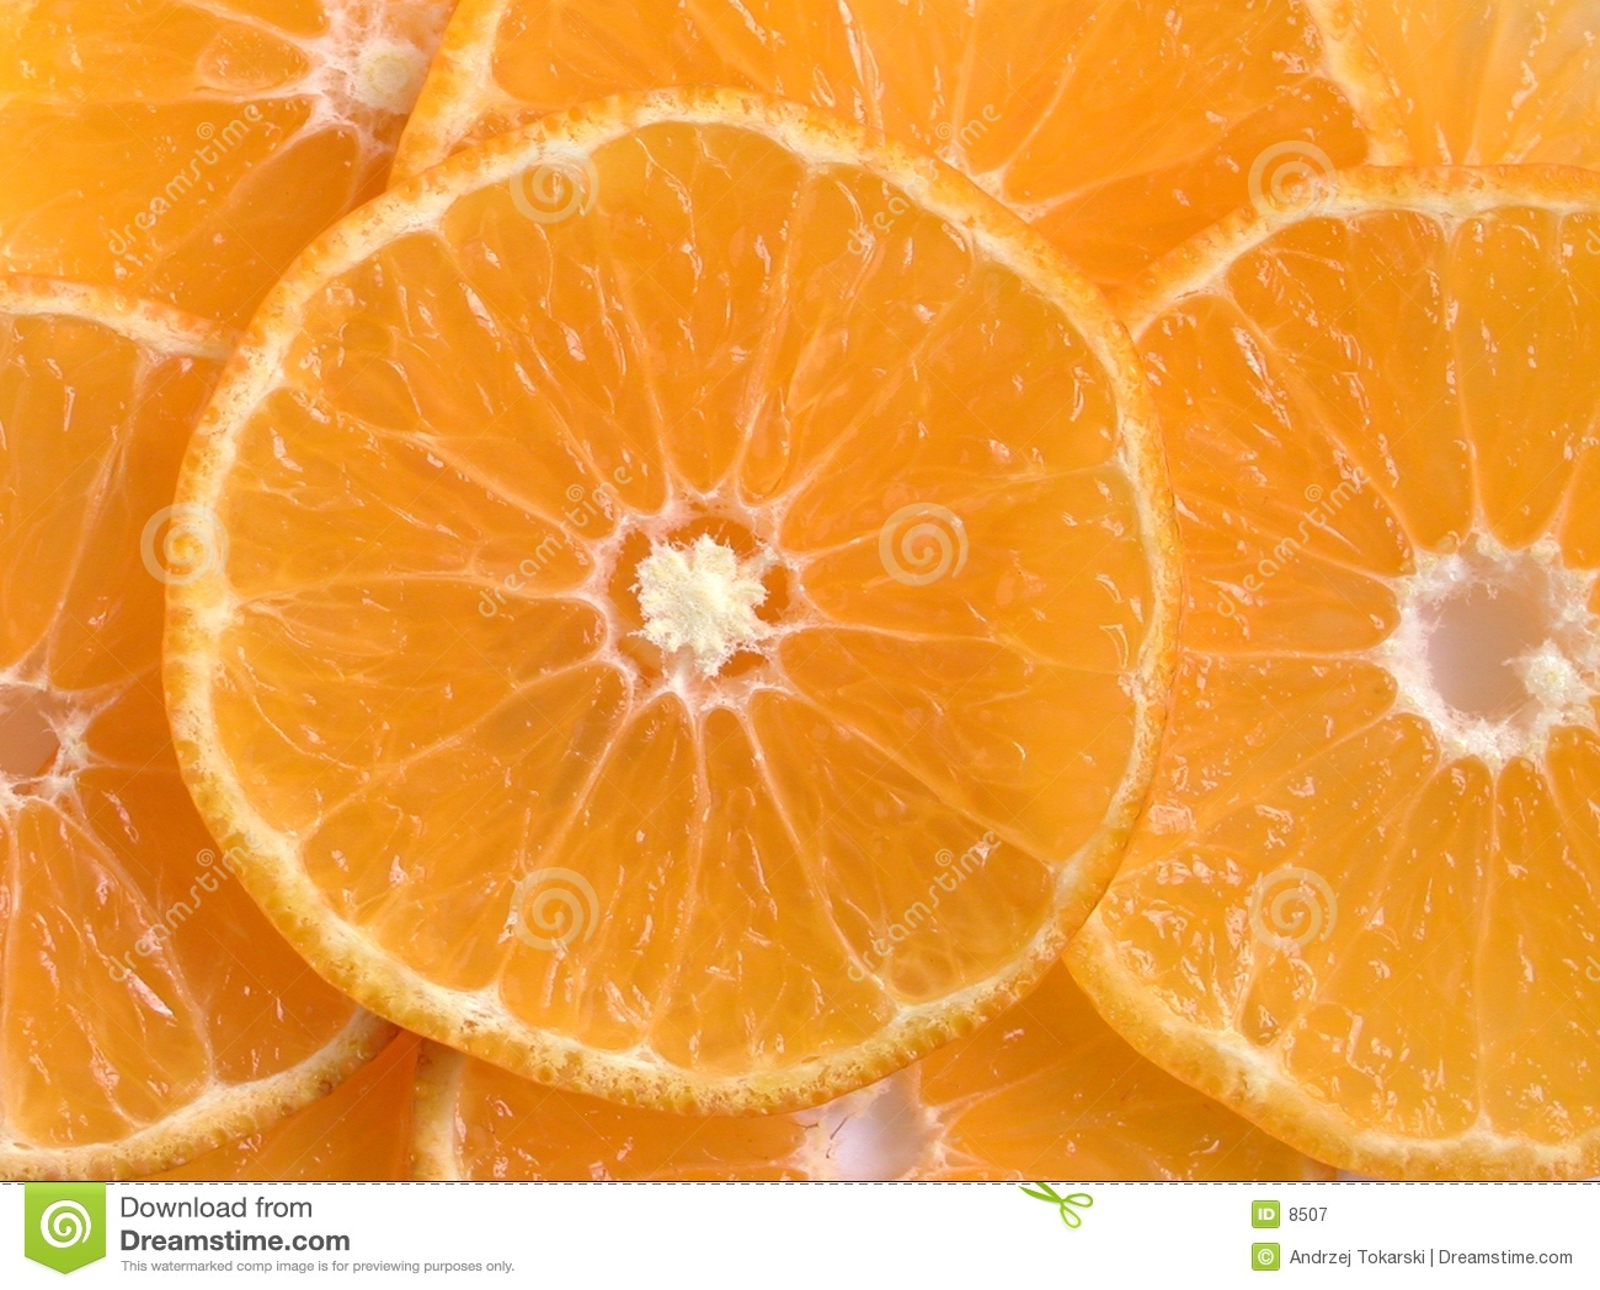 Parts oranges